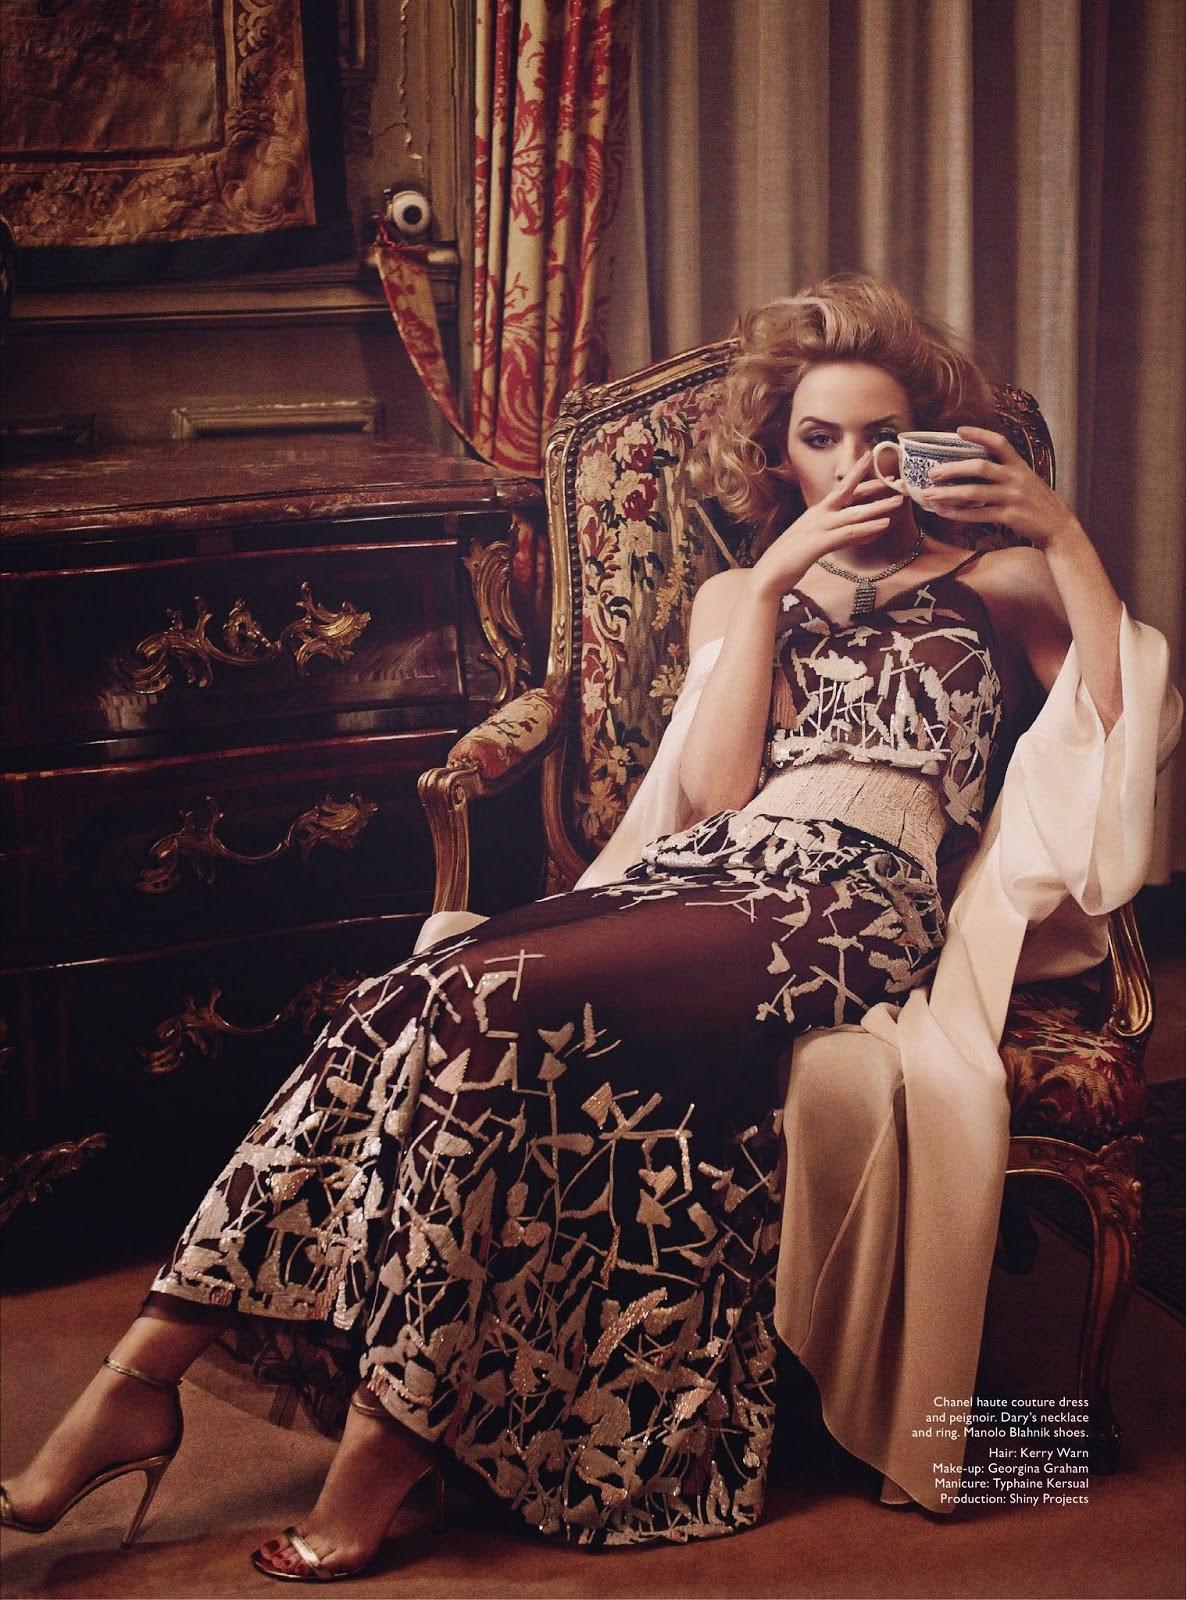 Kylie minogue agent provocateur lingerie advert - 3 4